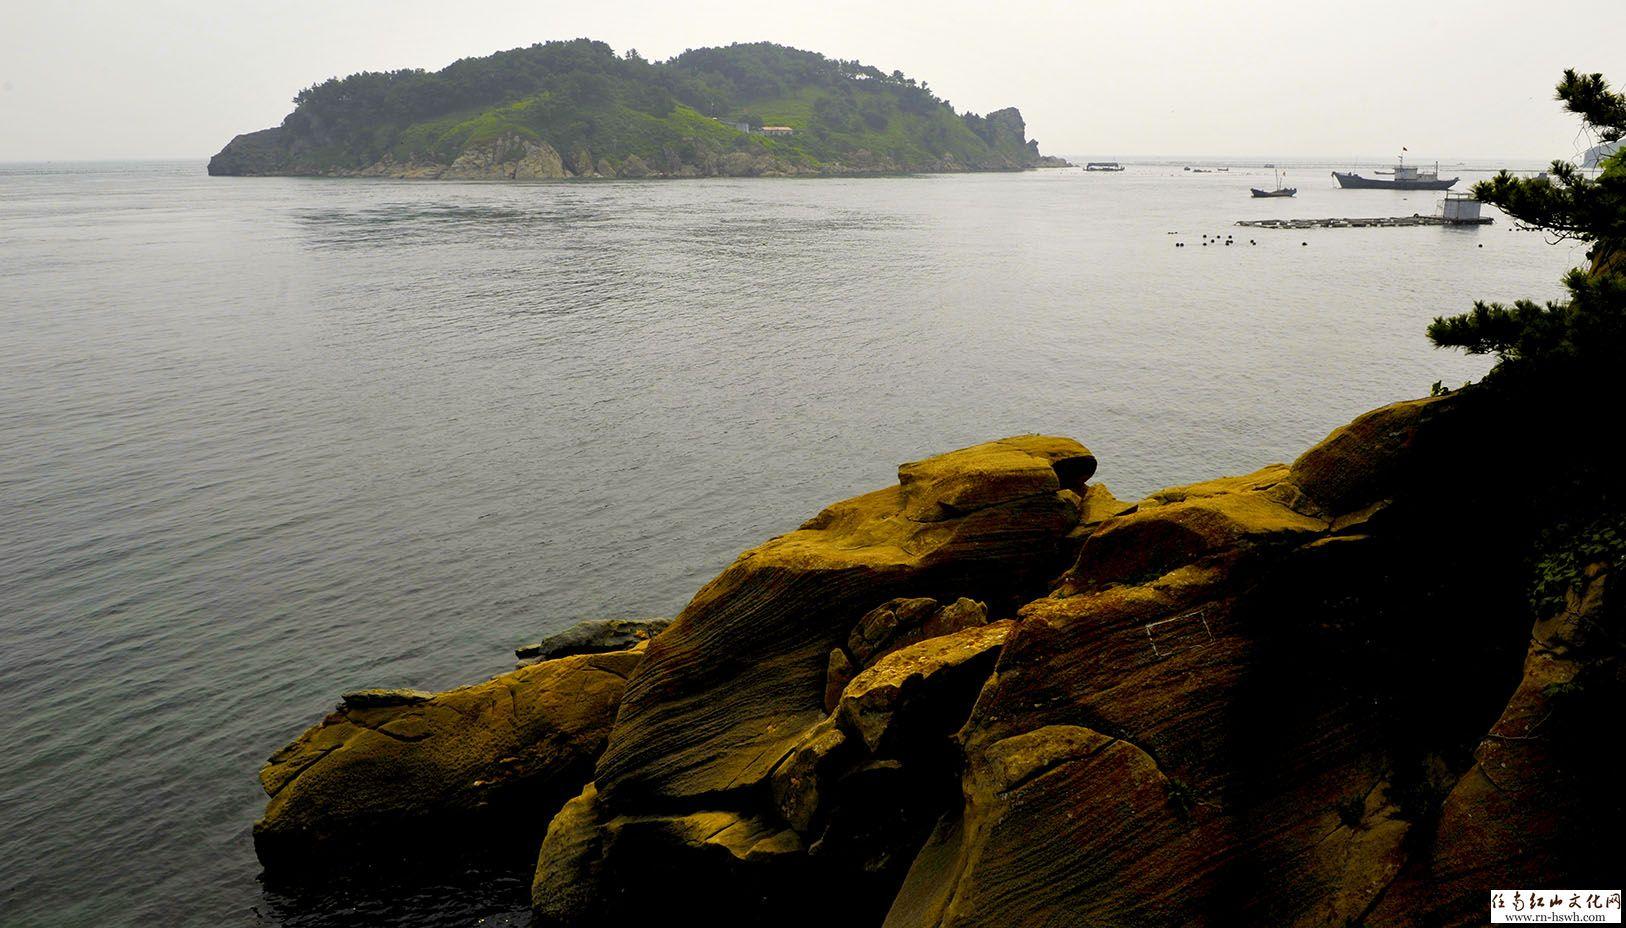 大小长山岛---即将举办国际马拉松比赛的地方